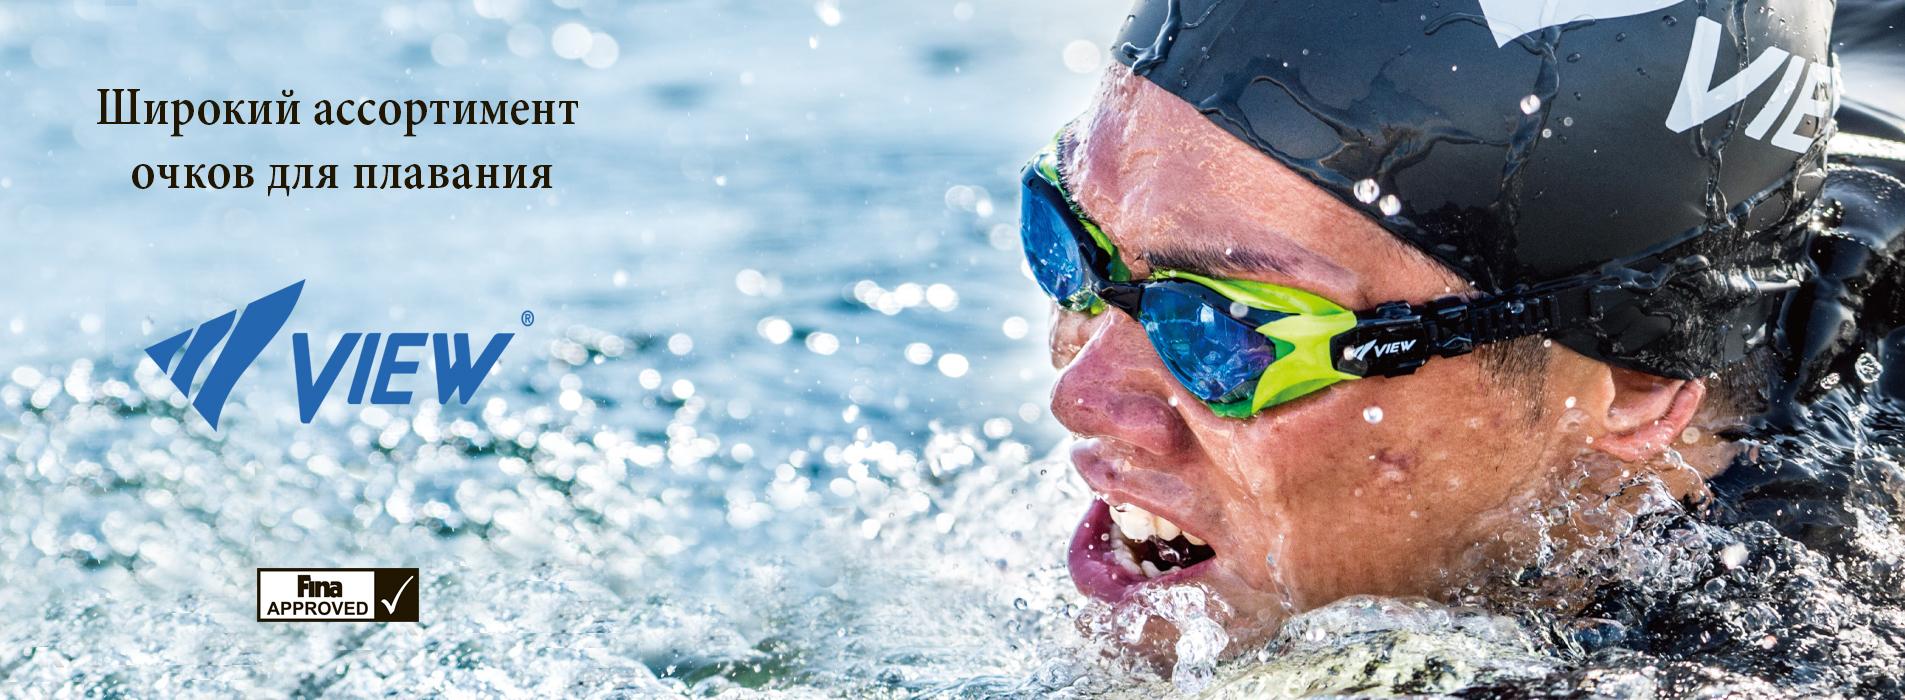 Новое поступление очков для плавания фирмы VIEW